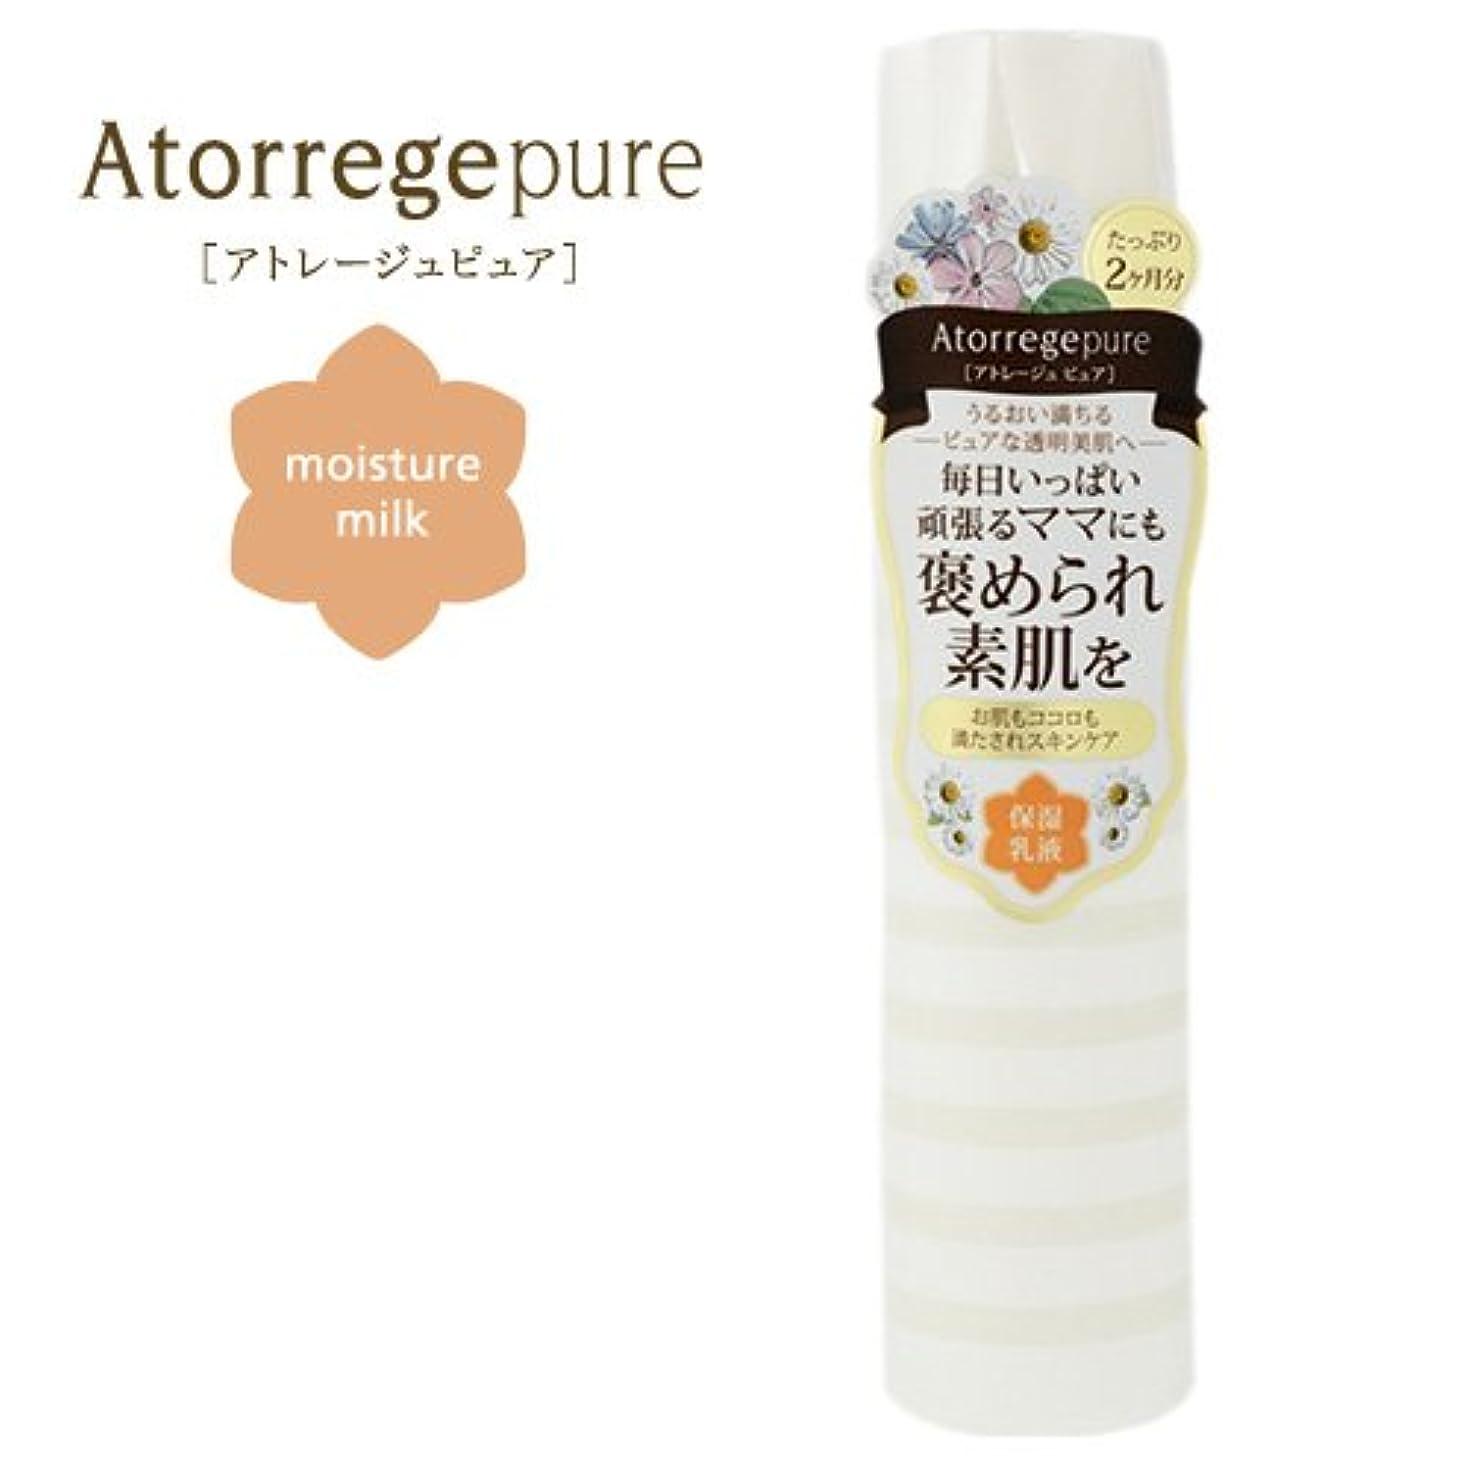 円形病弱格差アトレージュピュア モイスチュアミルク (保湿乳液) 120mL